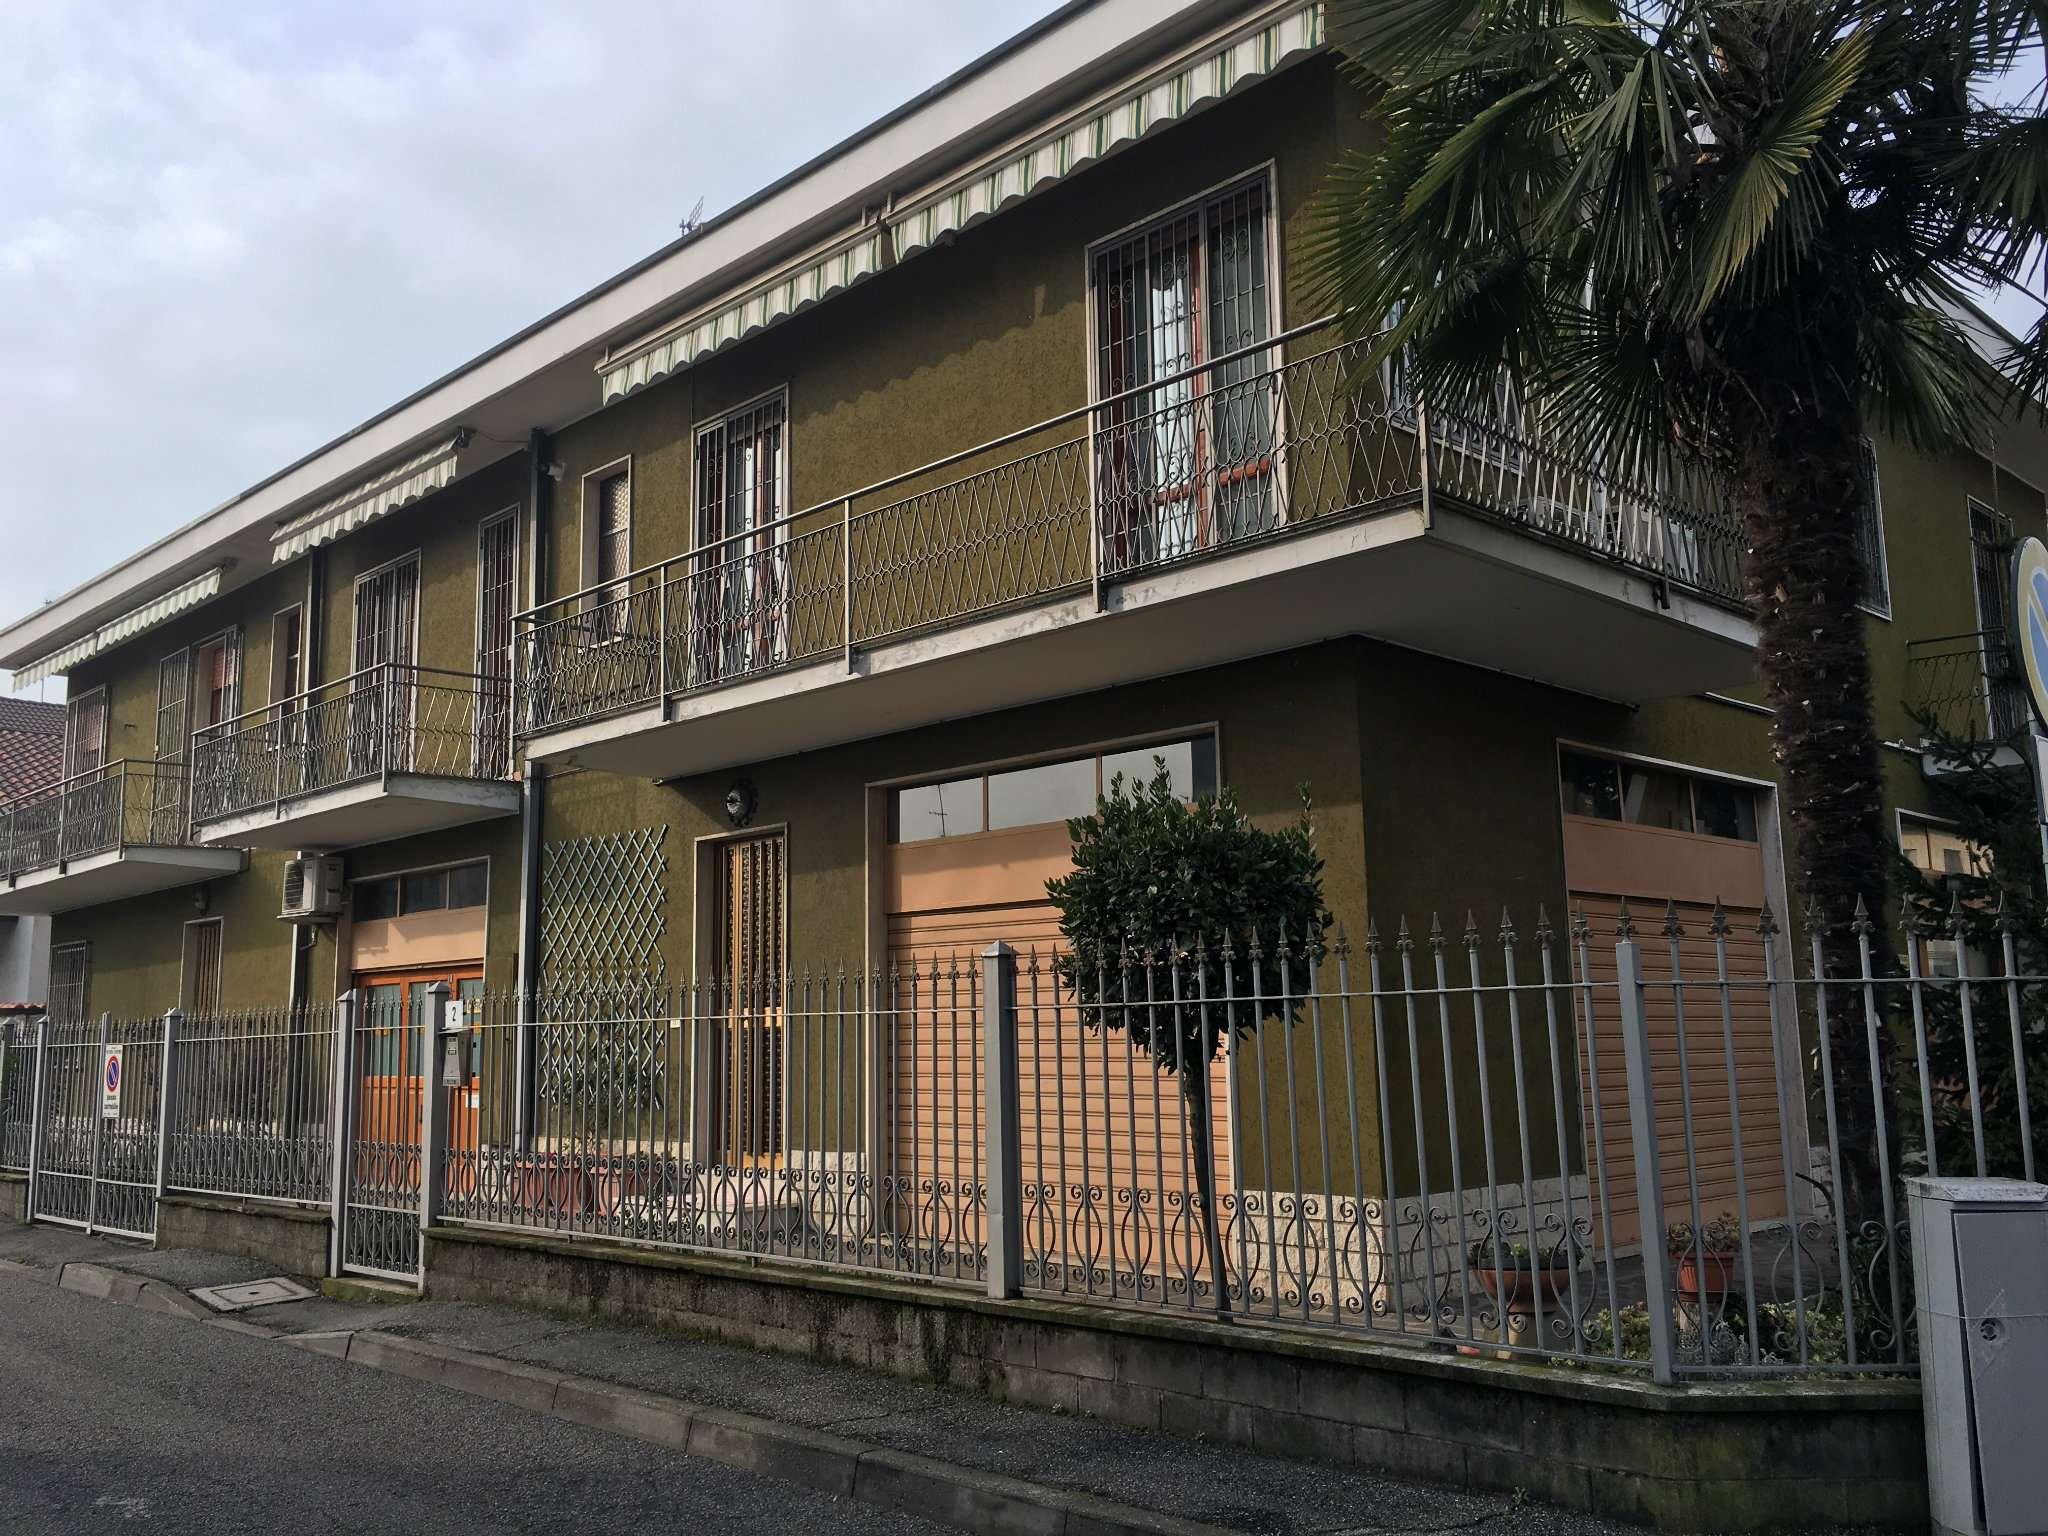 Appartamento in affitto a Peschiera Borromeo, 2 locali, prezzo € 600 | Cambio Casa.it